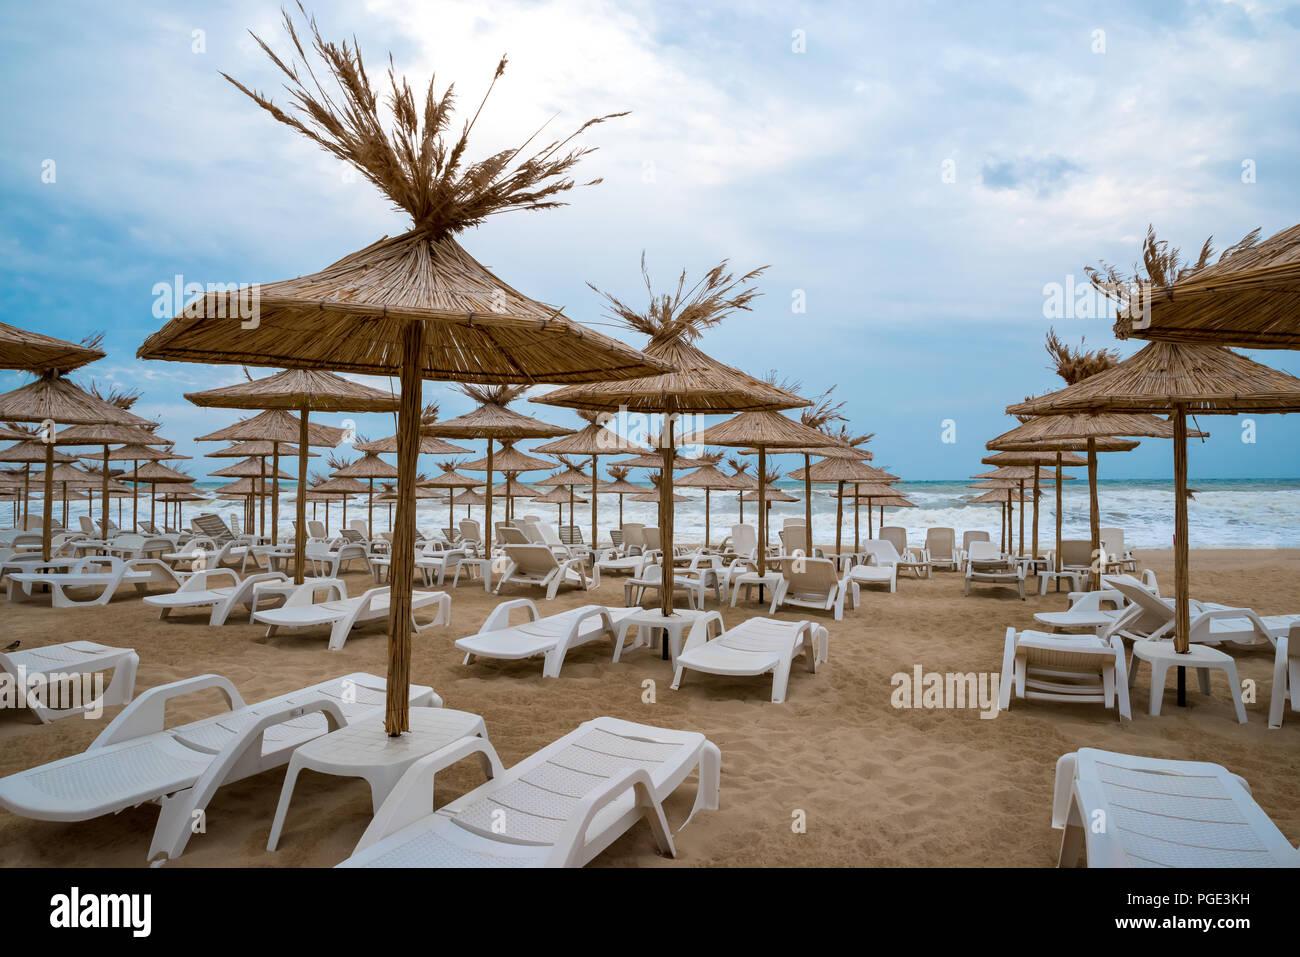 Ombrelloni Di Paglia Vendita.Sedie A Sdraio Con Ombrelloni Di Paglia Su Una Bellissima Spiaggia